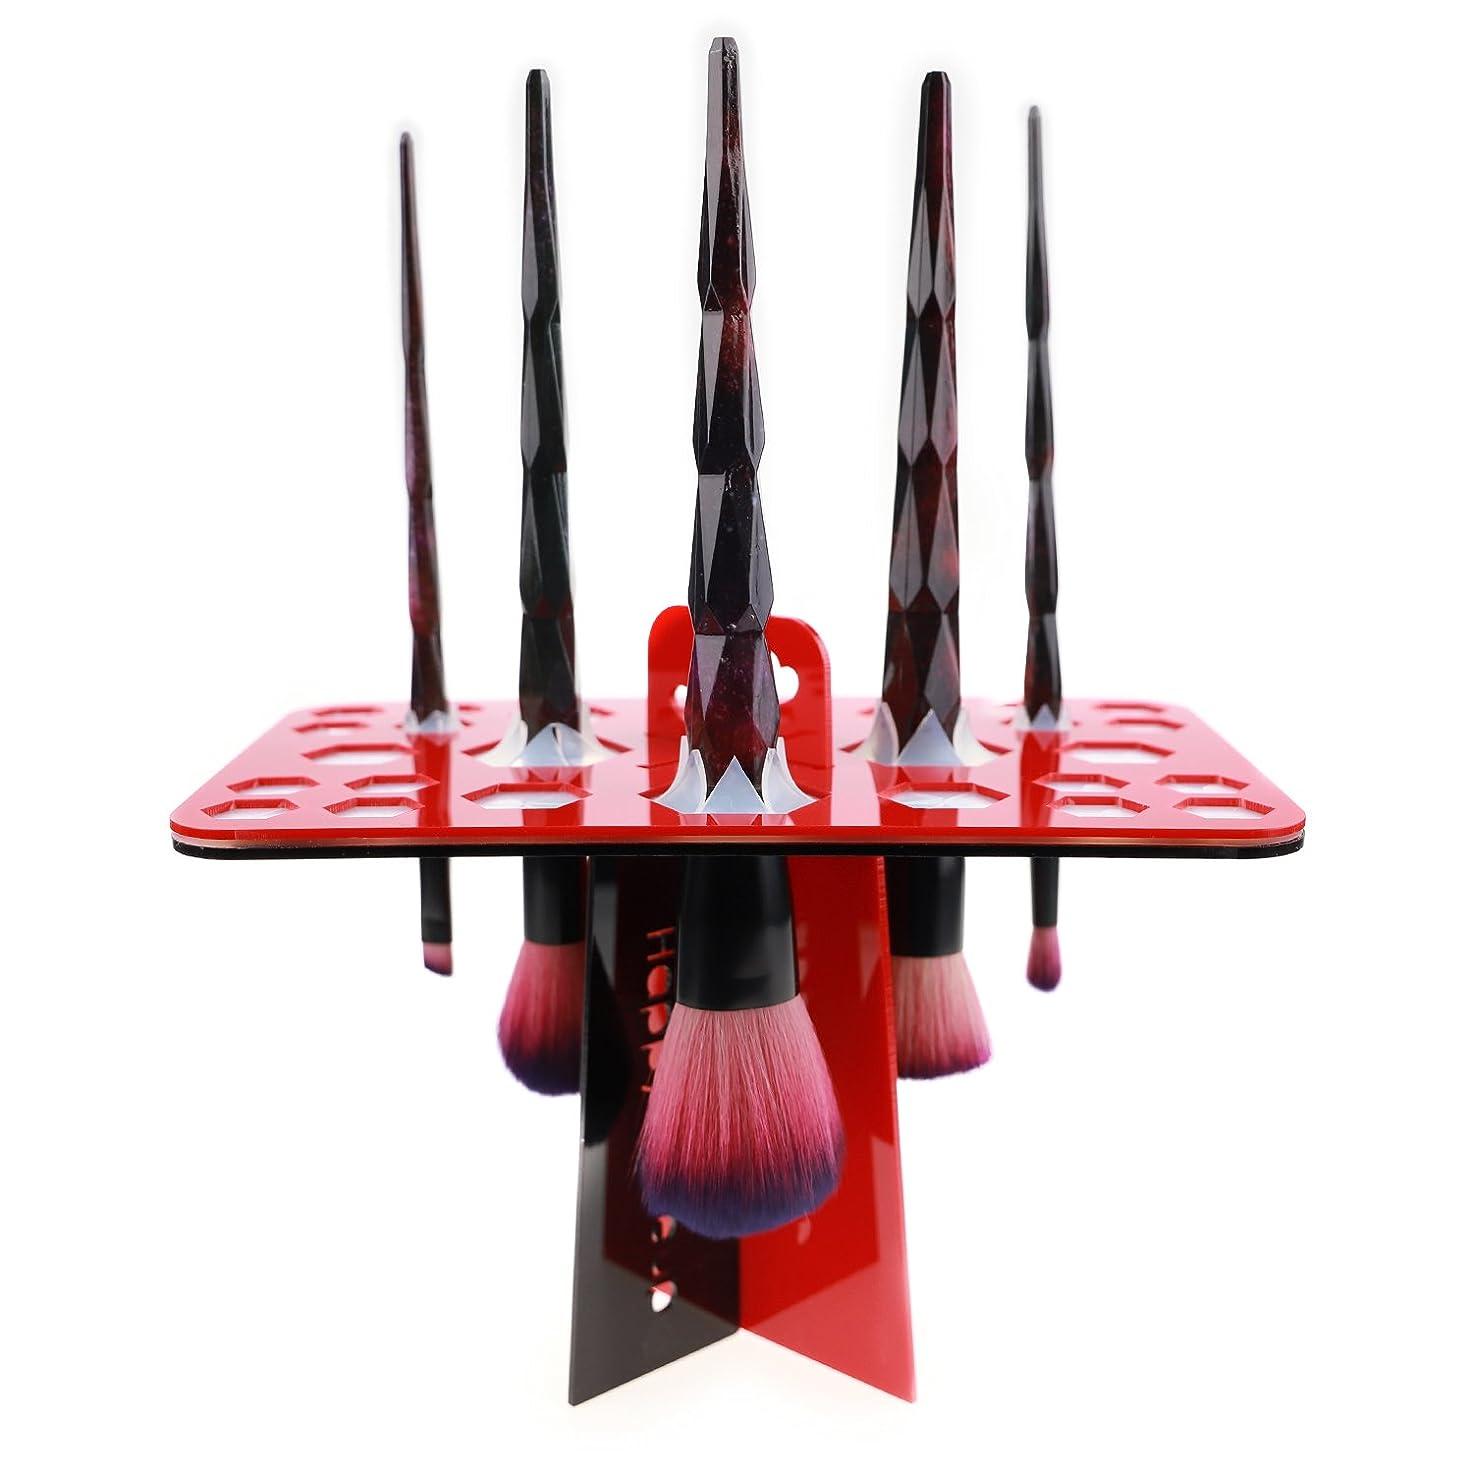 頻繁に威するログメイクブラシスタンド 赤 化粧ブラシスタンド アクリル製 折畳み可 26本収納 レッド